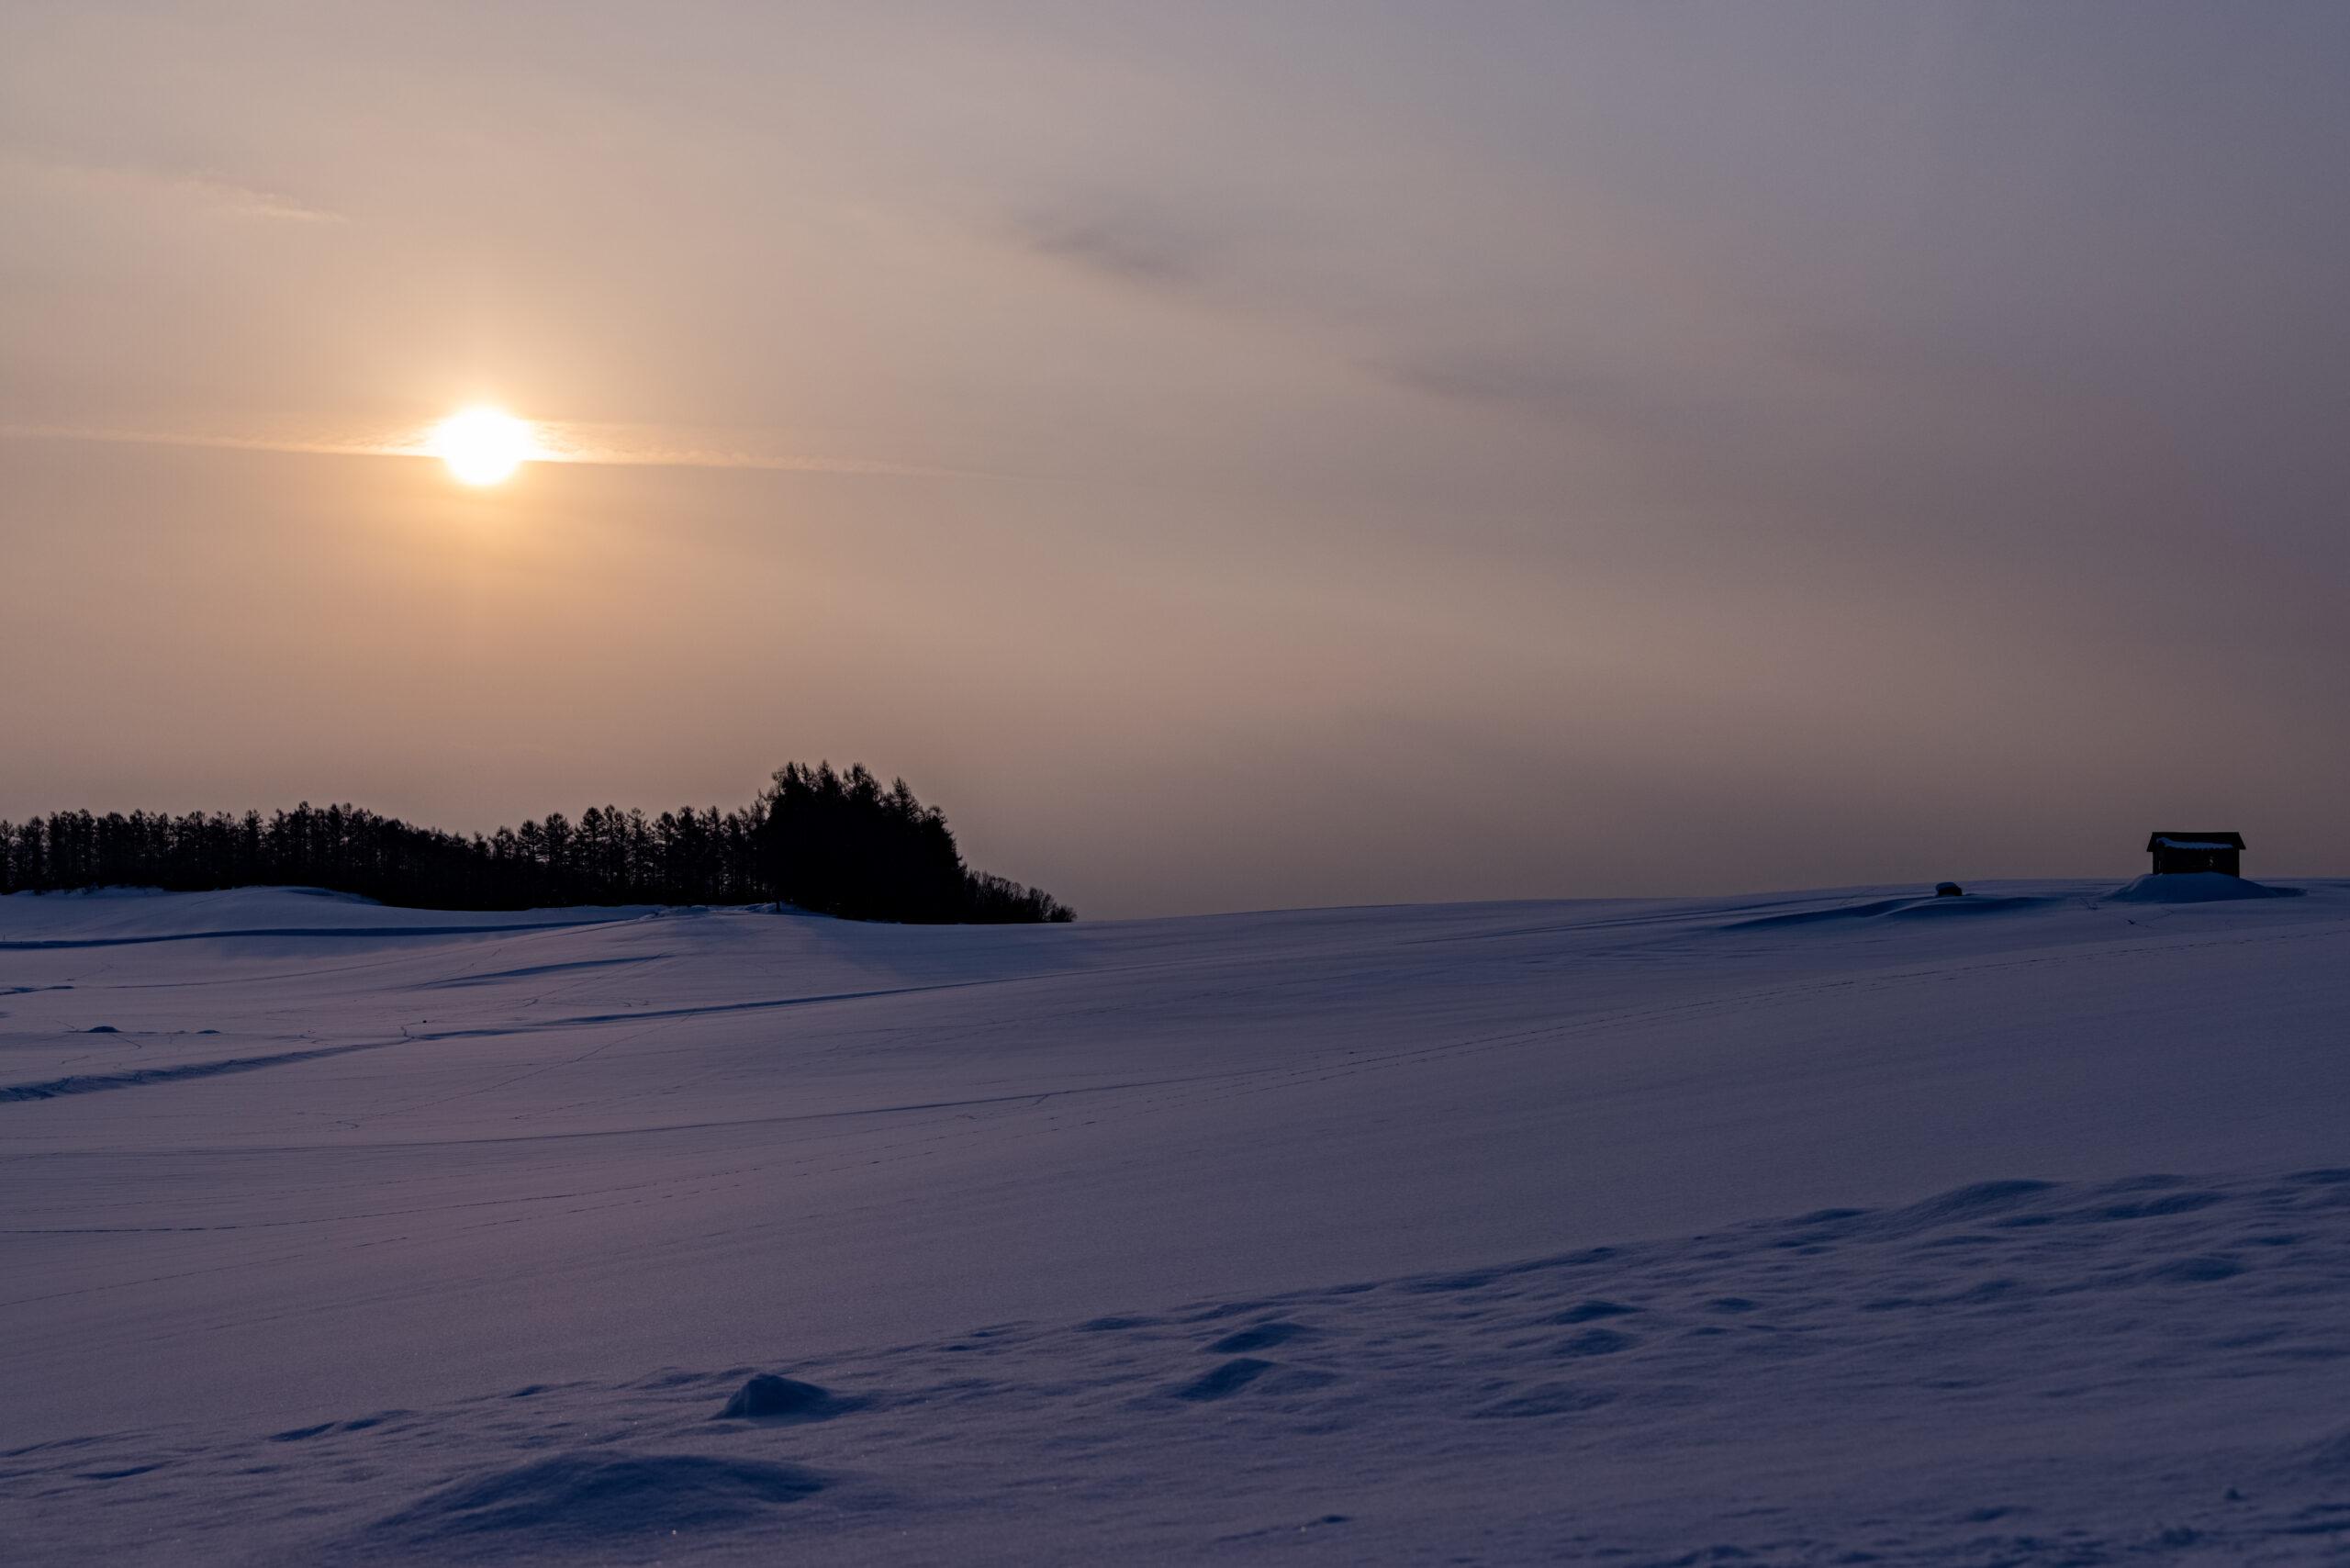 太陽とコントレイル